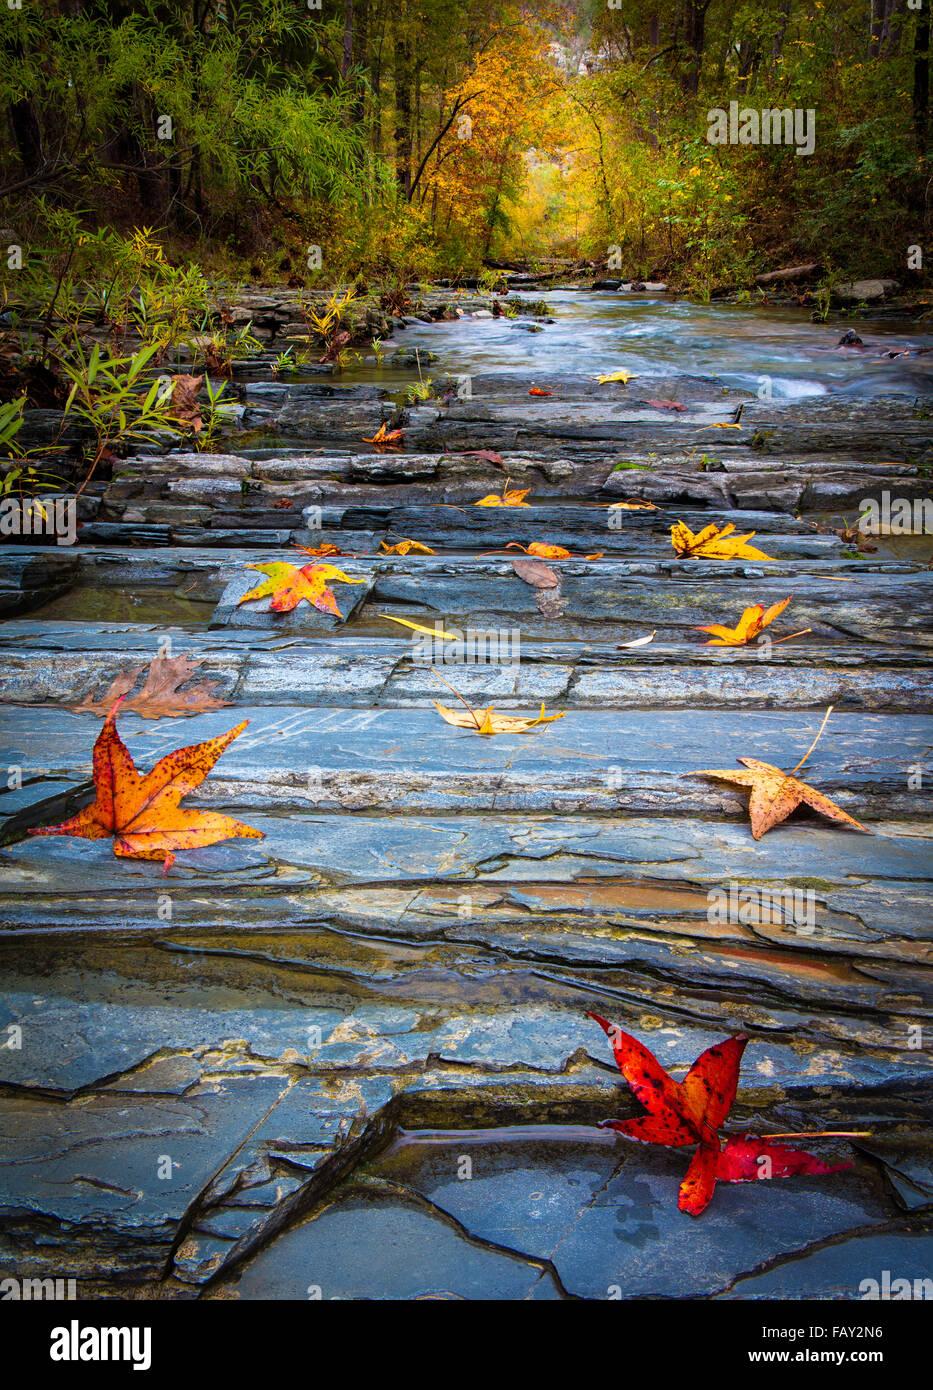 Les castors Bend State Park est un parc d'état de 1 300 acres situé près de Broken Bow, New York Photo Stock